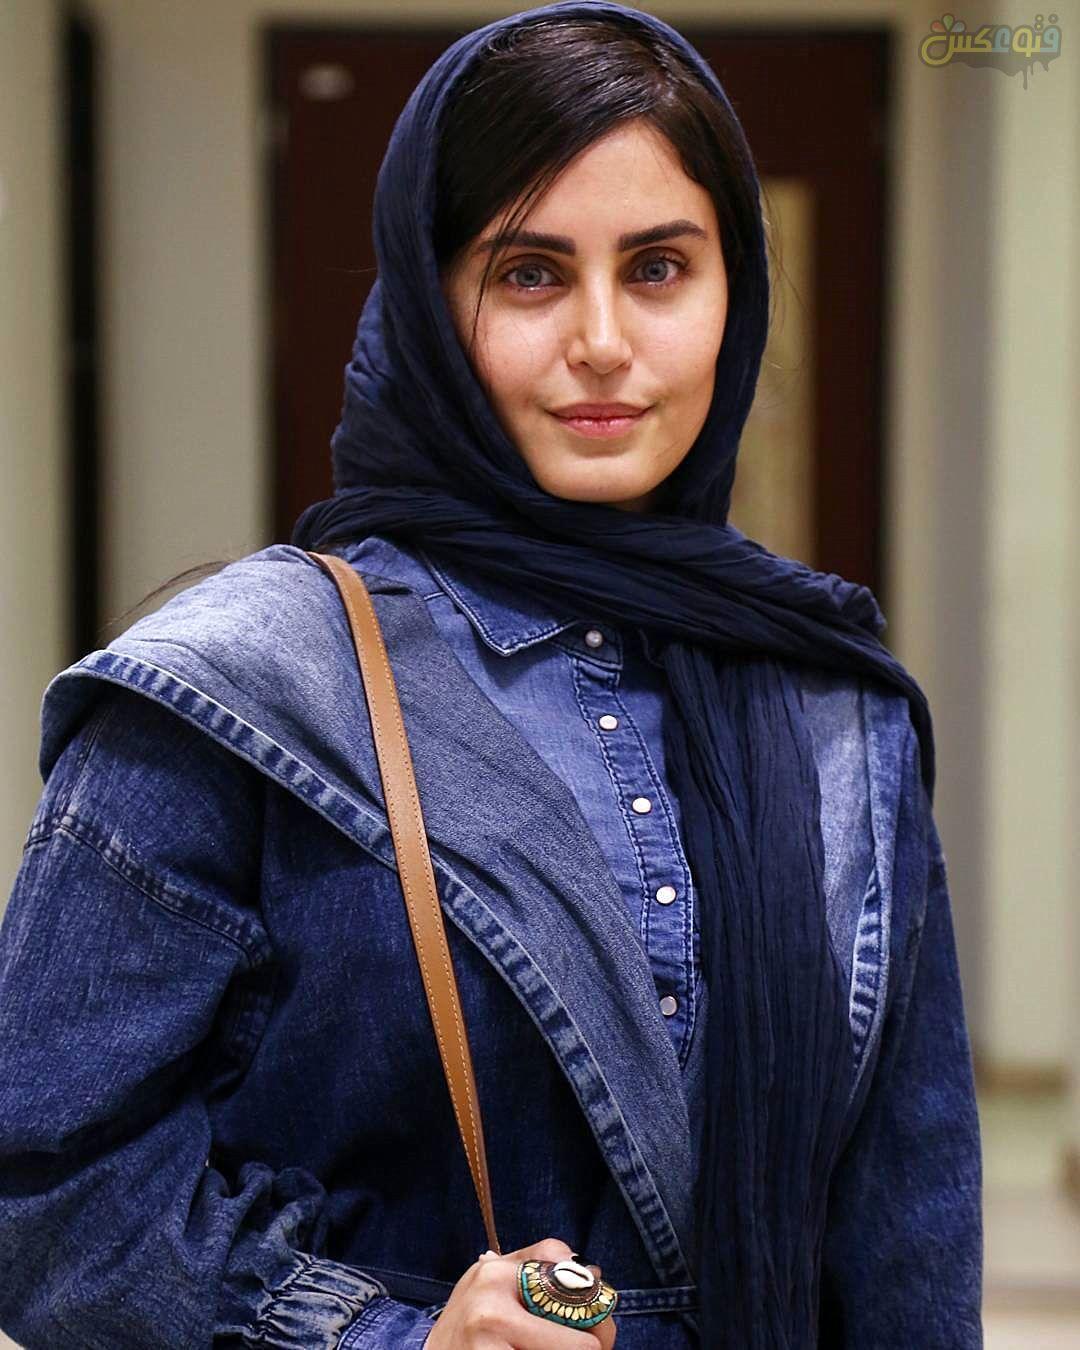 تصویر جدید الناز شاکردوست (With images) | Iranian actors, Muslim ...